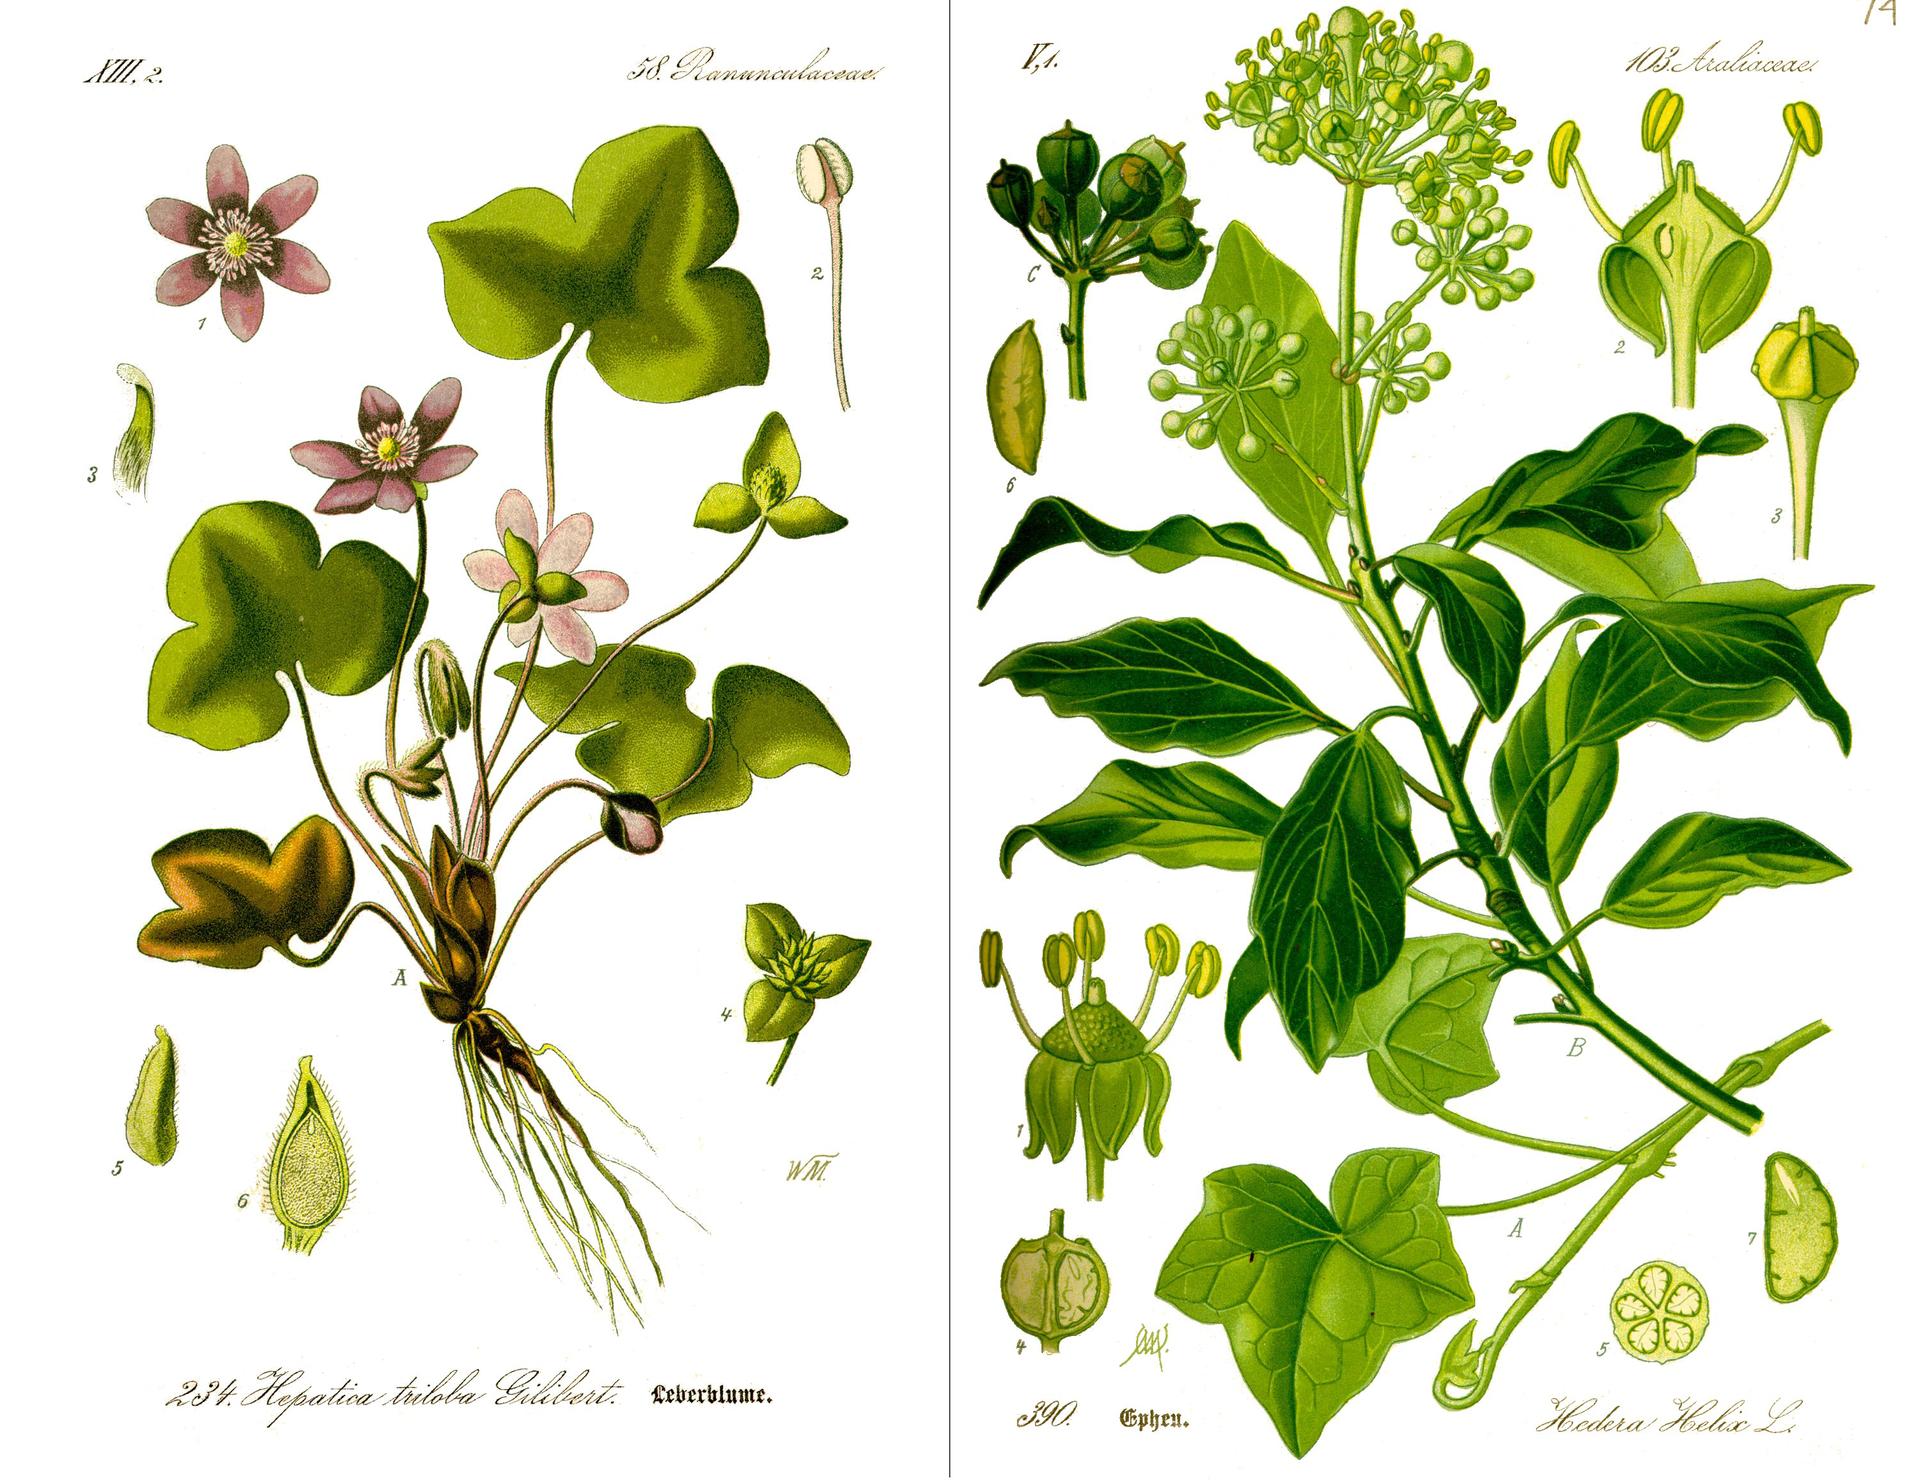 Ilustracja przedstawia dwie strony atlasu roślin. Rysunki watlasie ukazują rośliny zdokładnym odwzorowaniem kształtu ich liści, korzeni ikwiatów. Niektóre elementy budowy roślin zostały narysowane wpowiększeniu.